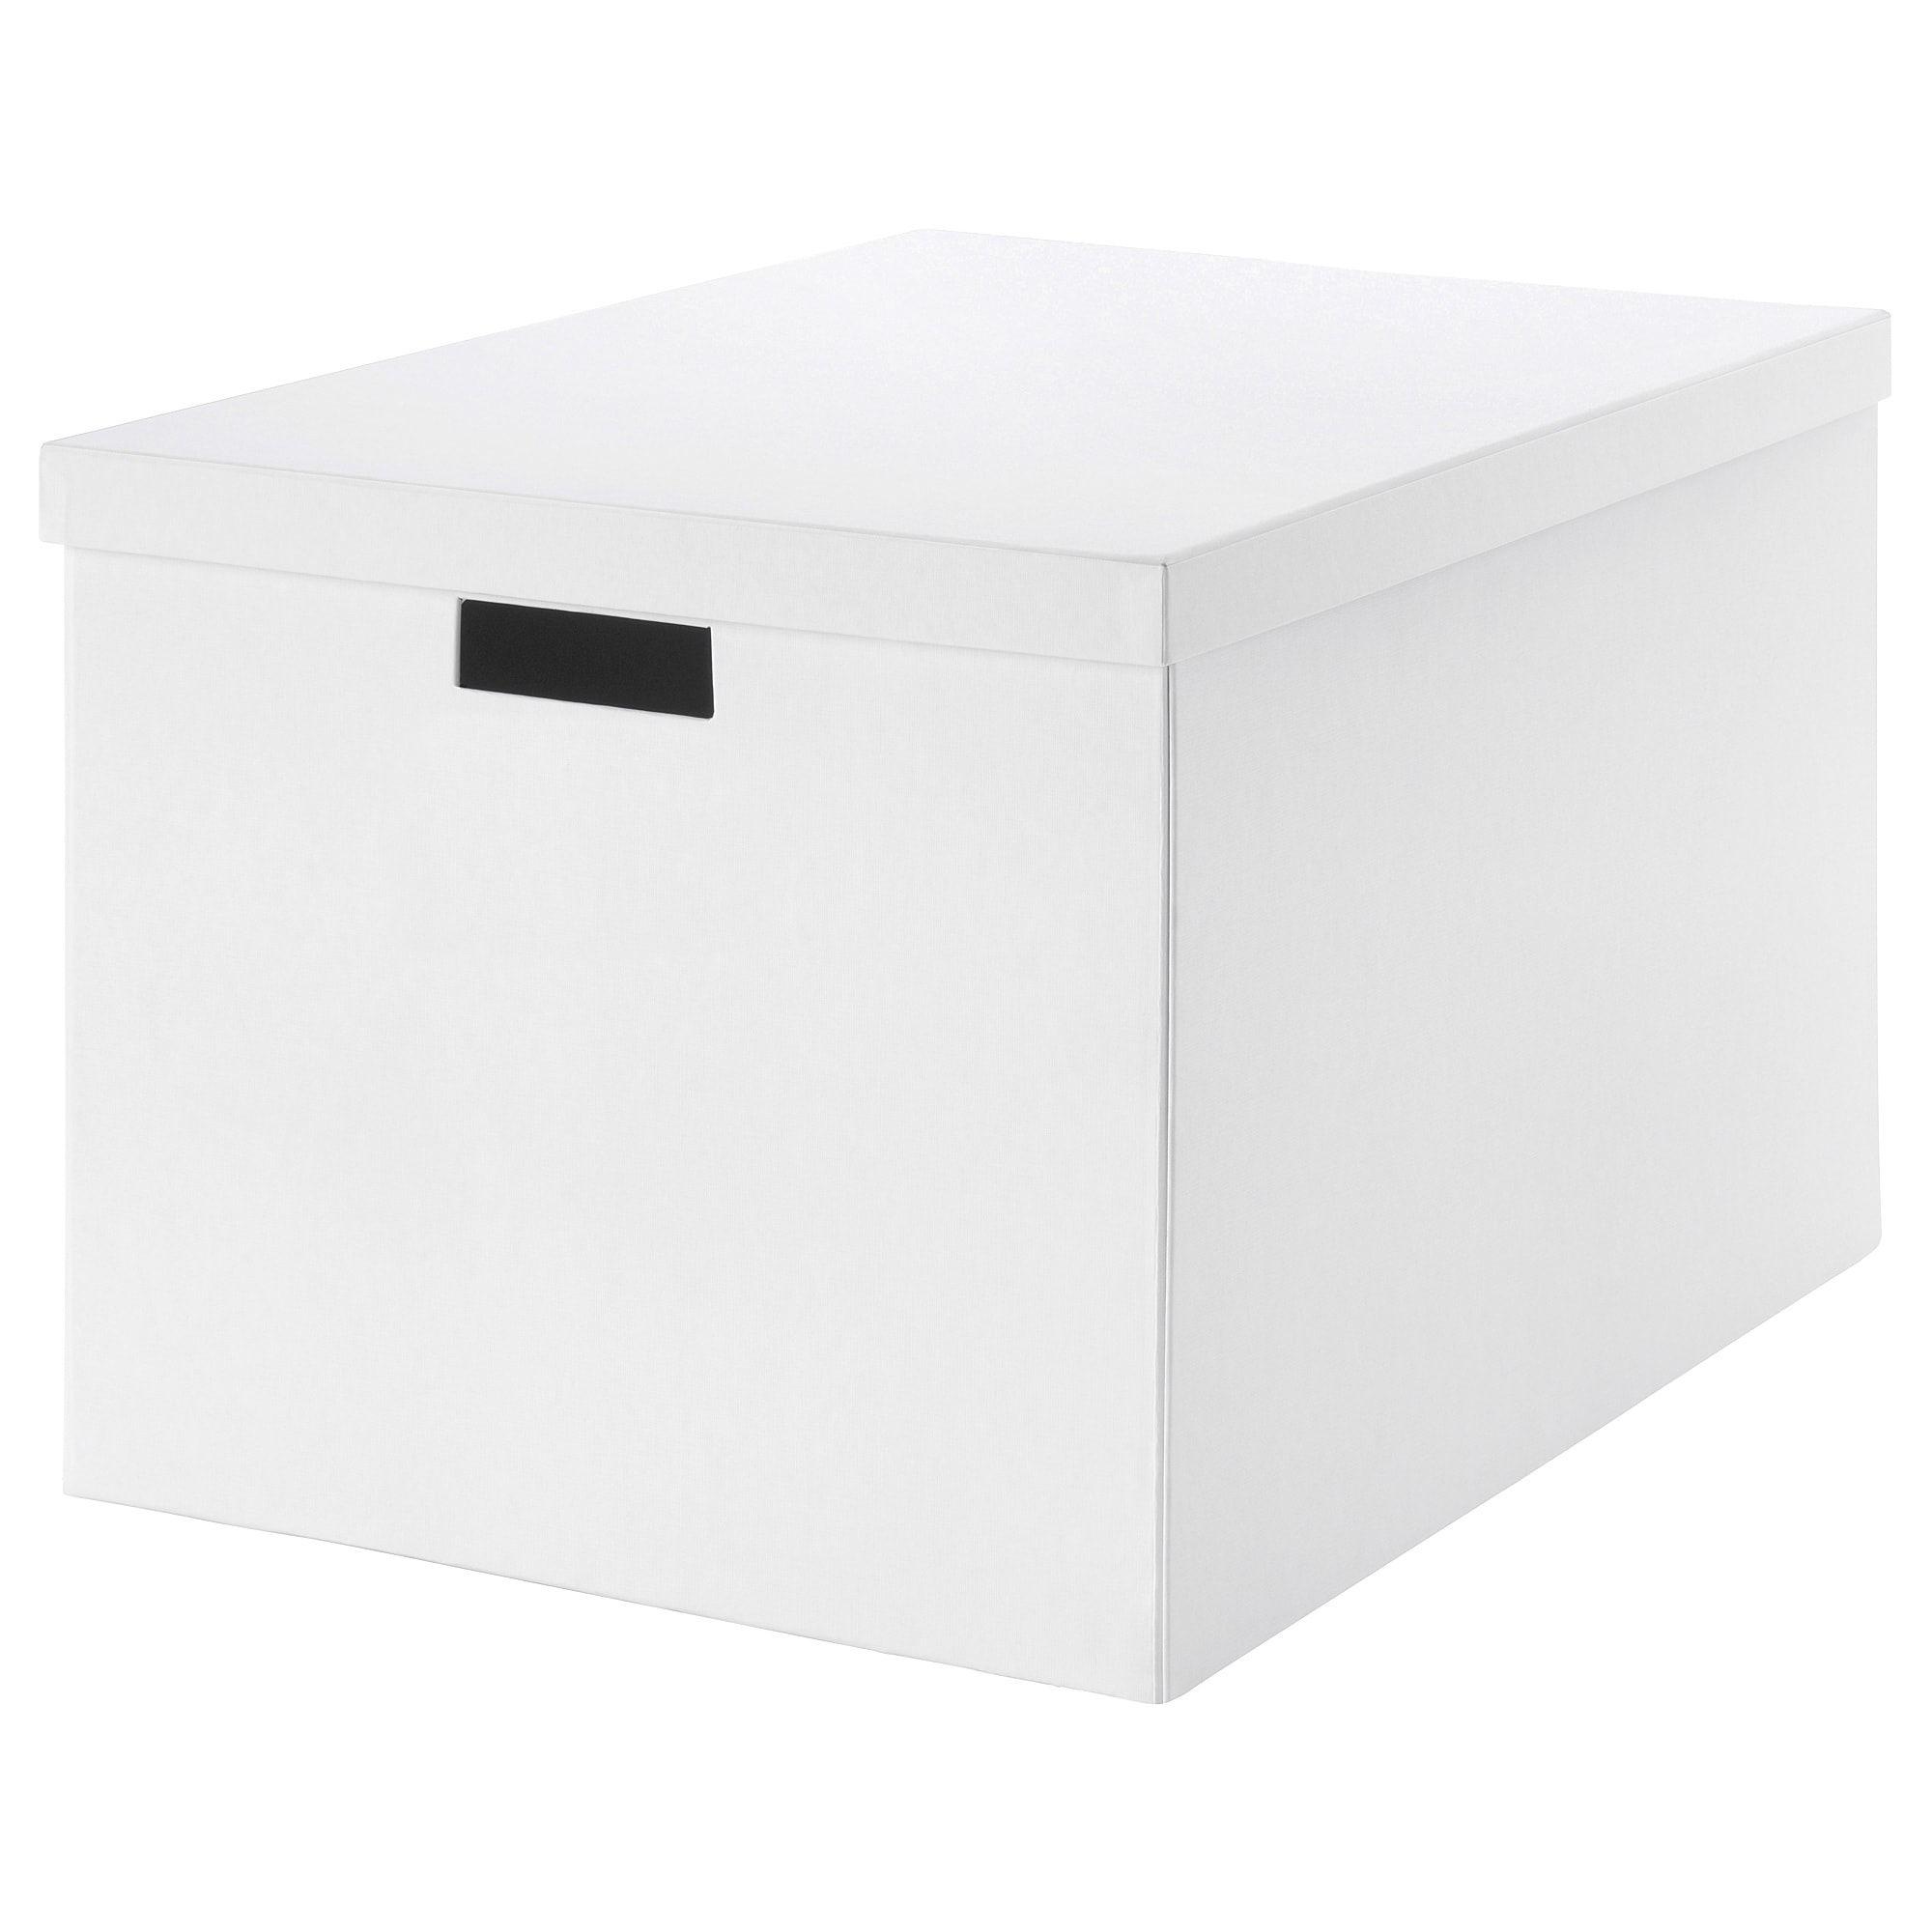 Tjena Storage Box With Lid White 13 X19 X11 Storage